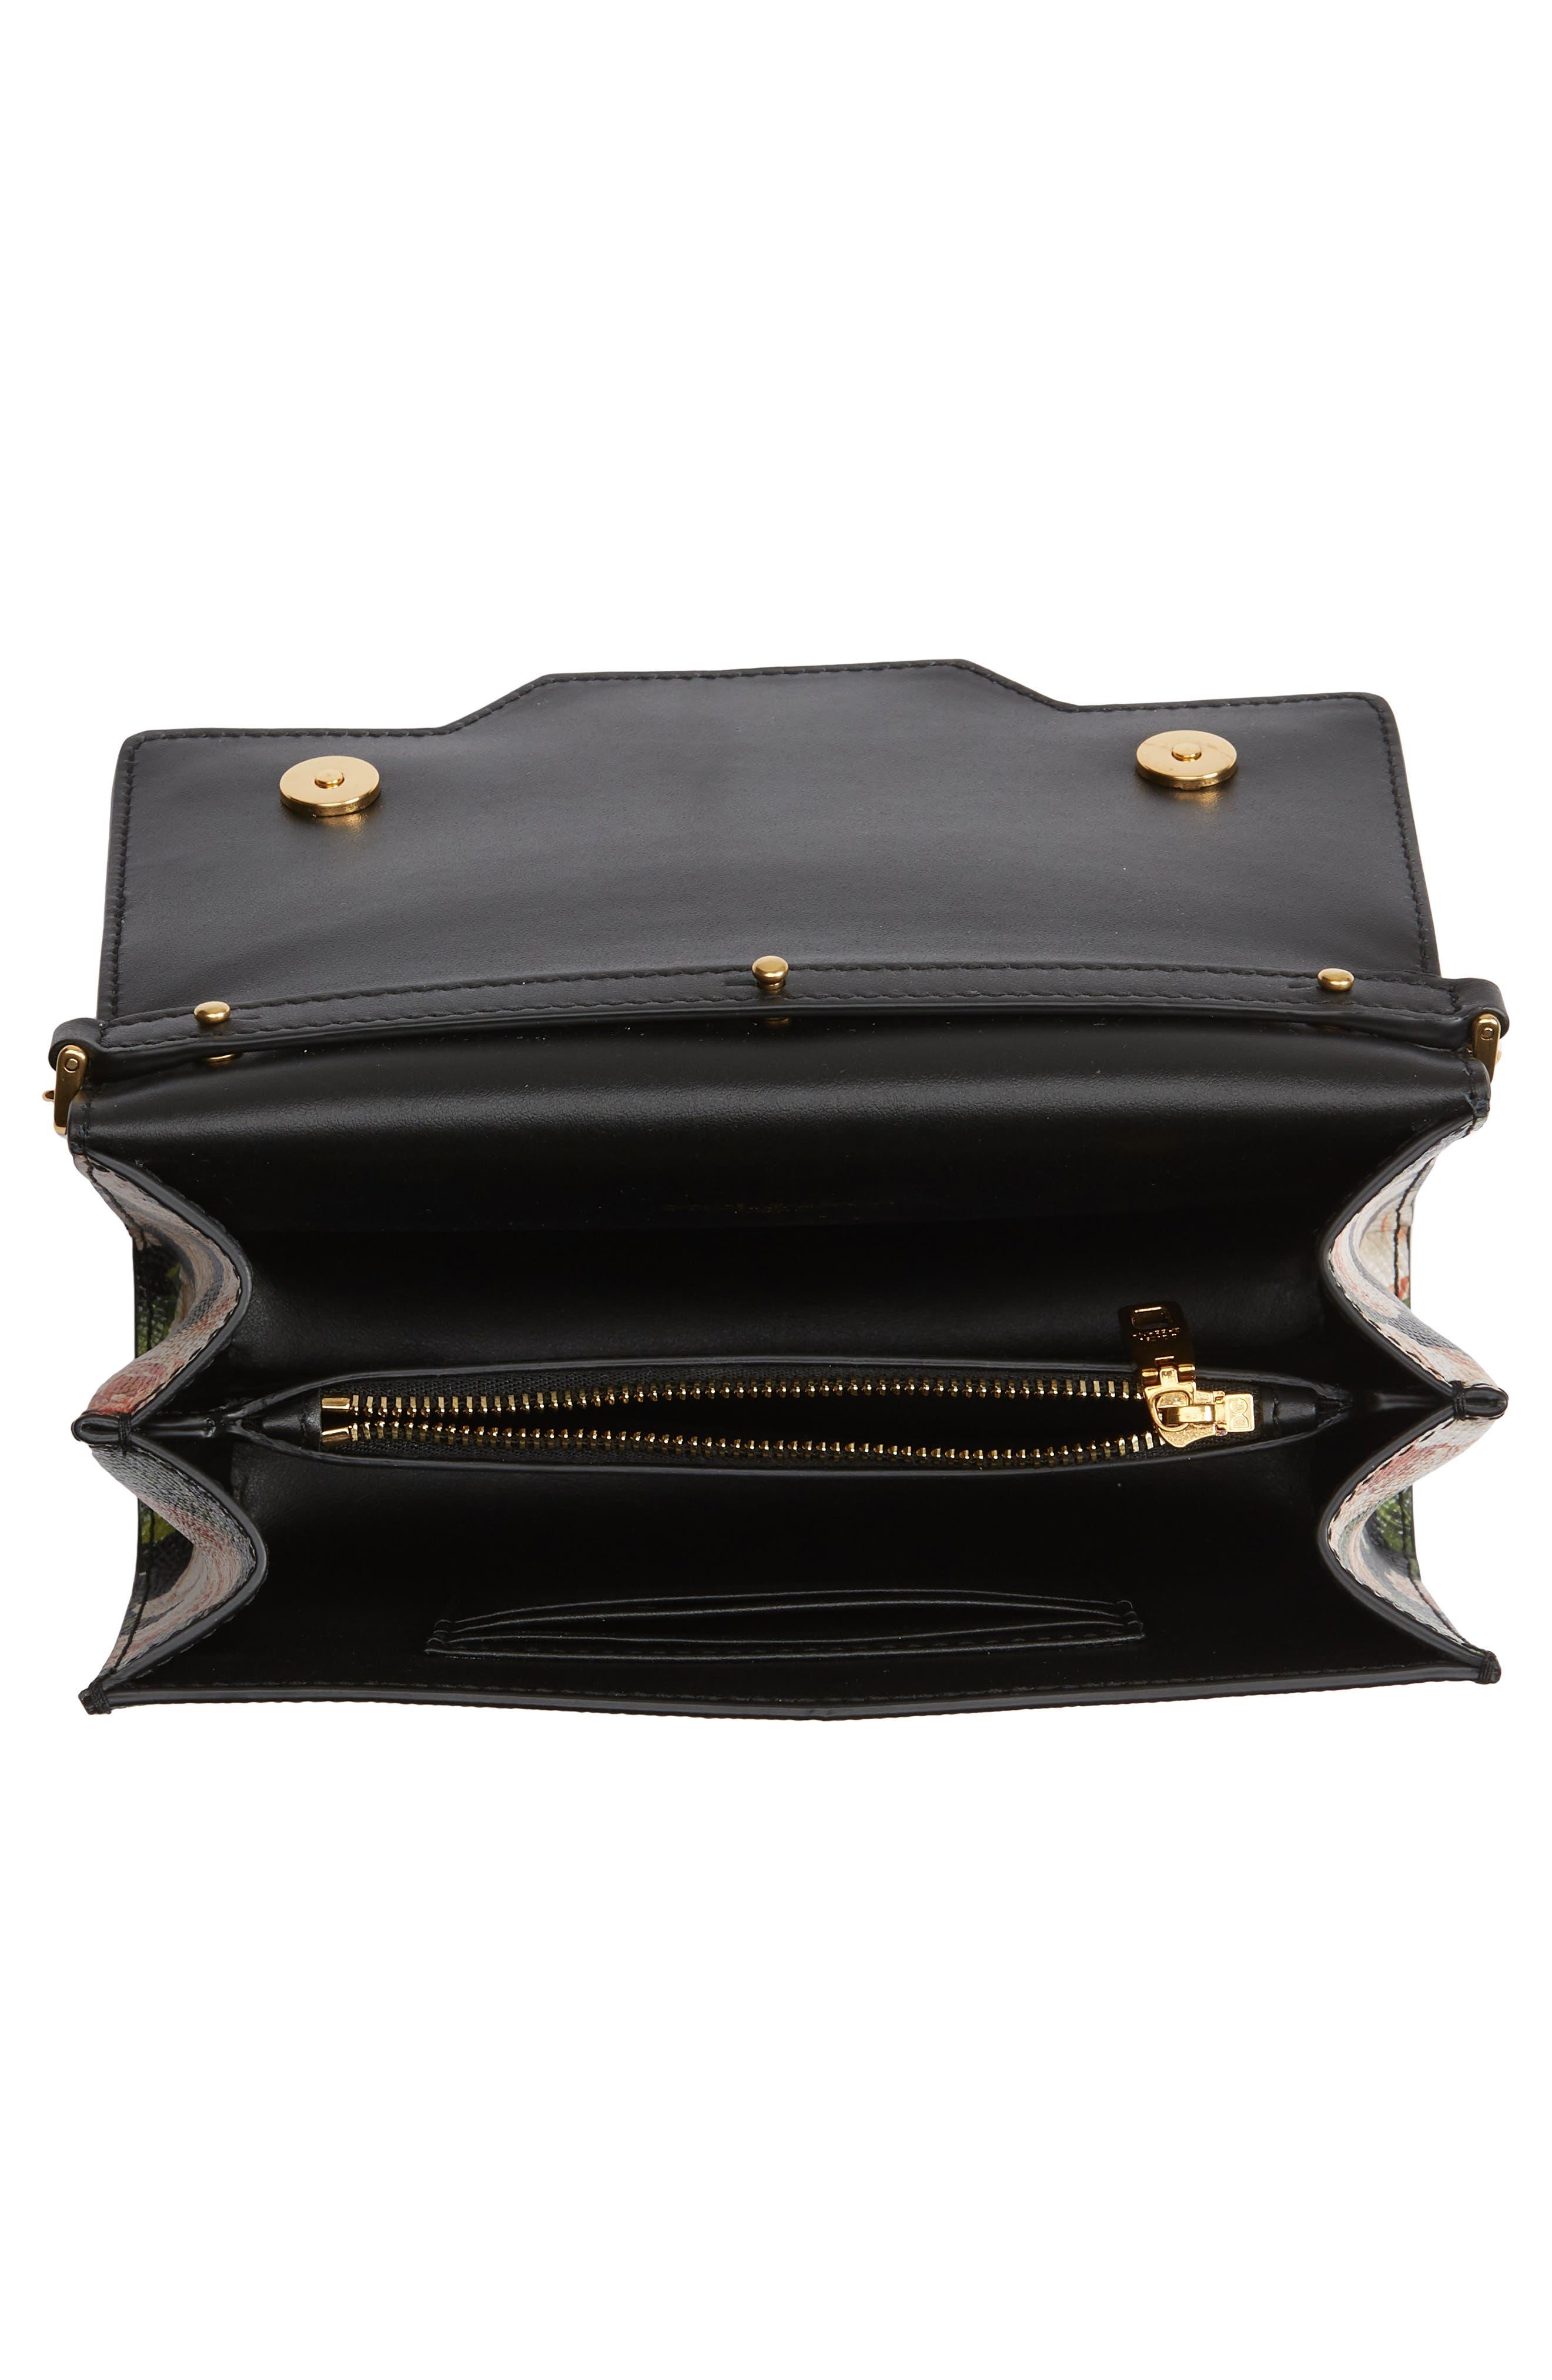 DOLCE&GABBANA, Rose Print Calfskin Leather Shoulder Bag, Alternate thumbnail 4, color, NERO/ ROSE